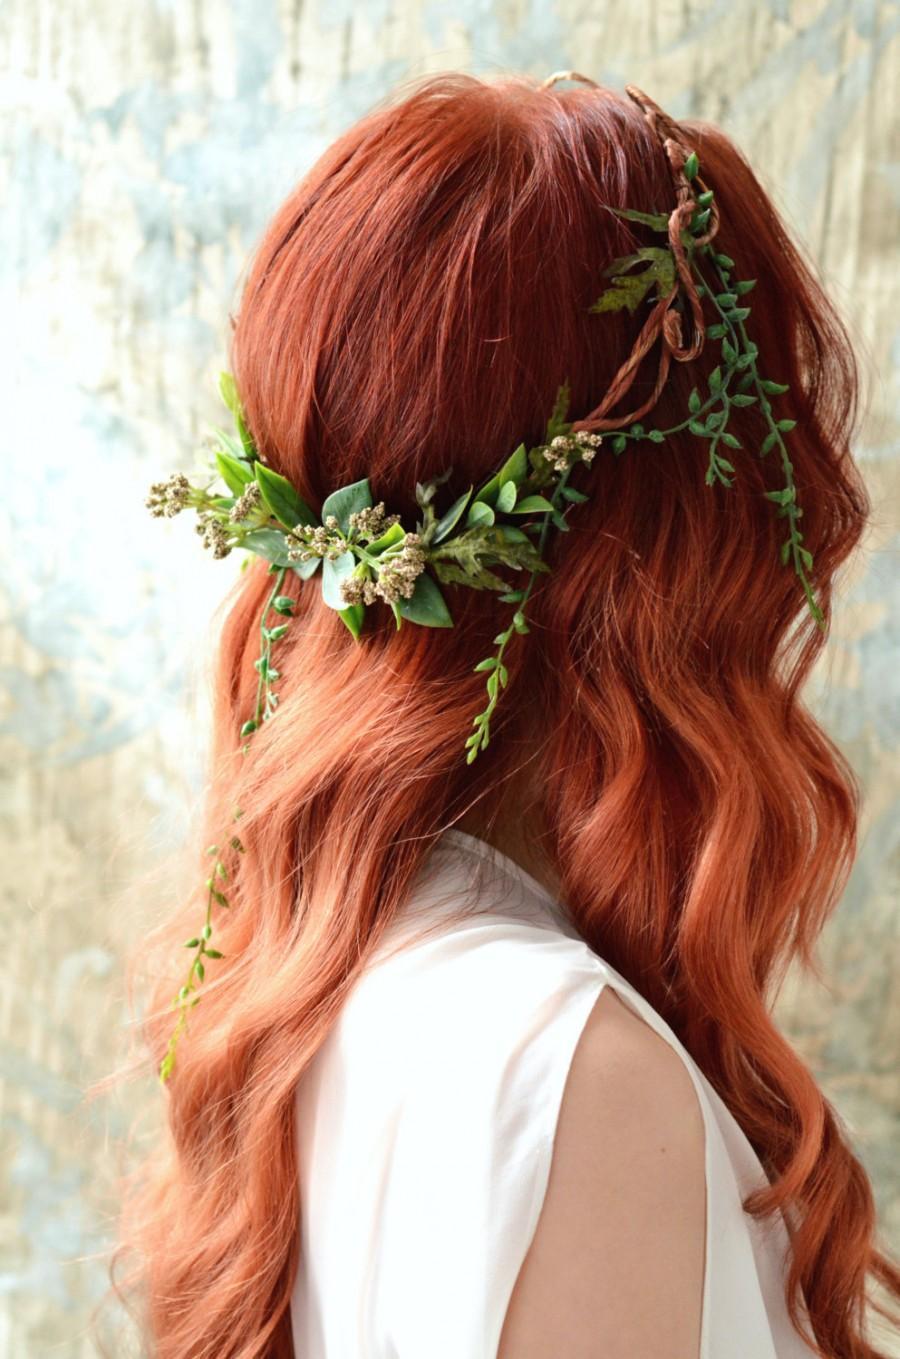 Den här frisyren var väl alldeles fantastisk ! Hårsmycke gjort av blommor  och blad. d9741bedee06f